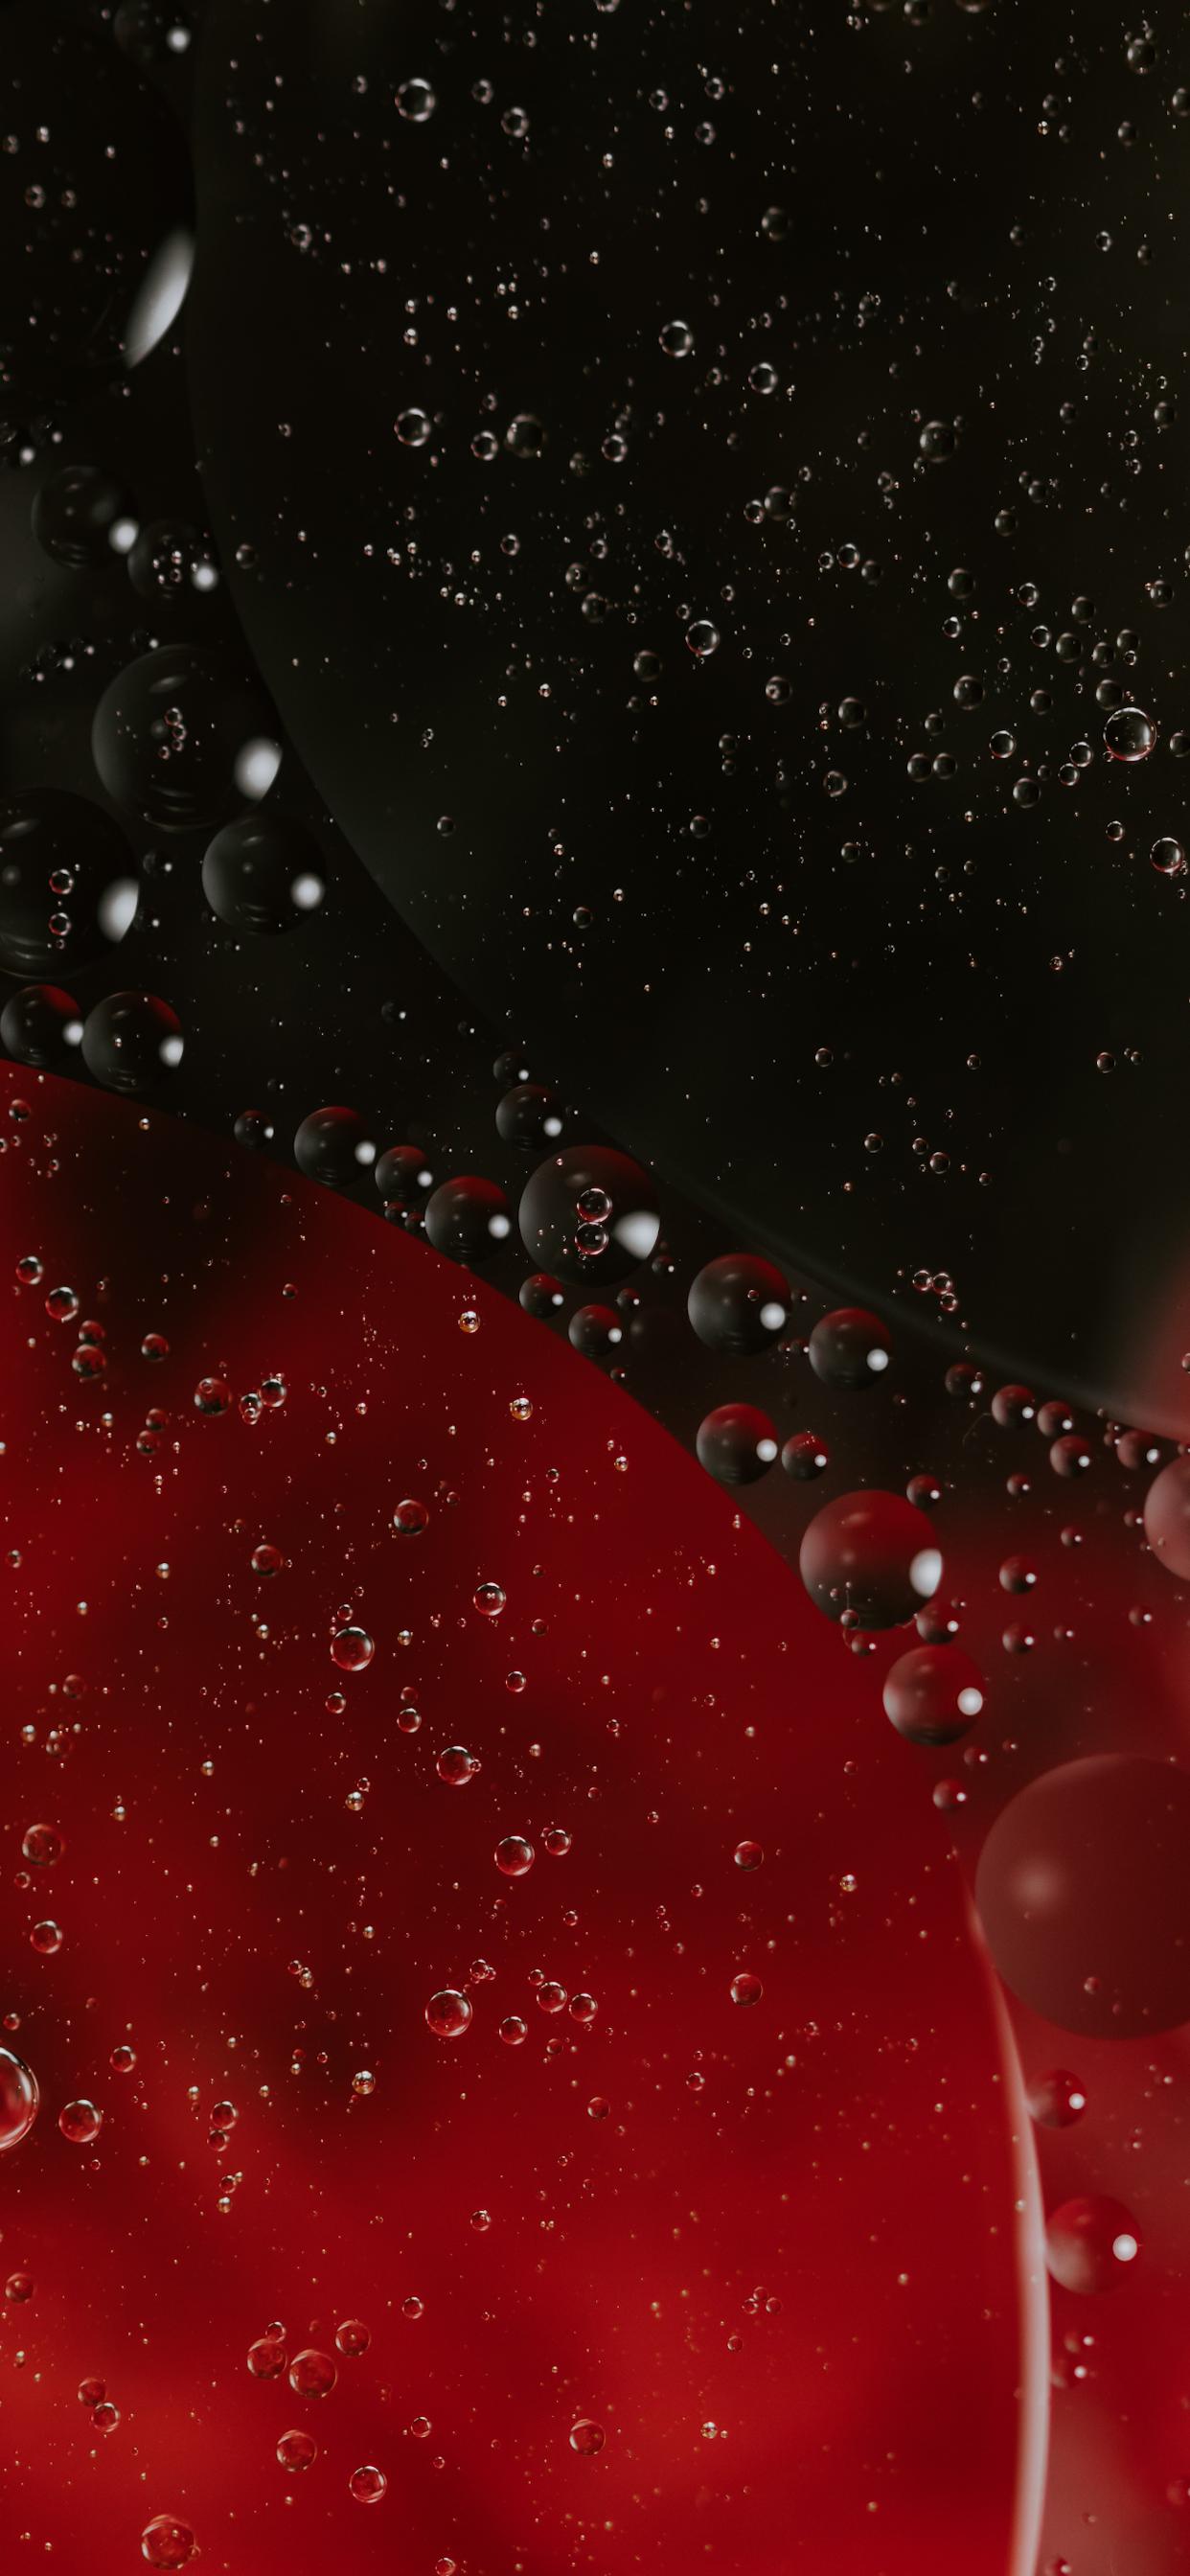 iPhone wallpapers bubbles general view Fonds d'écran iPhone du 20/11/2019